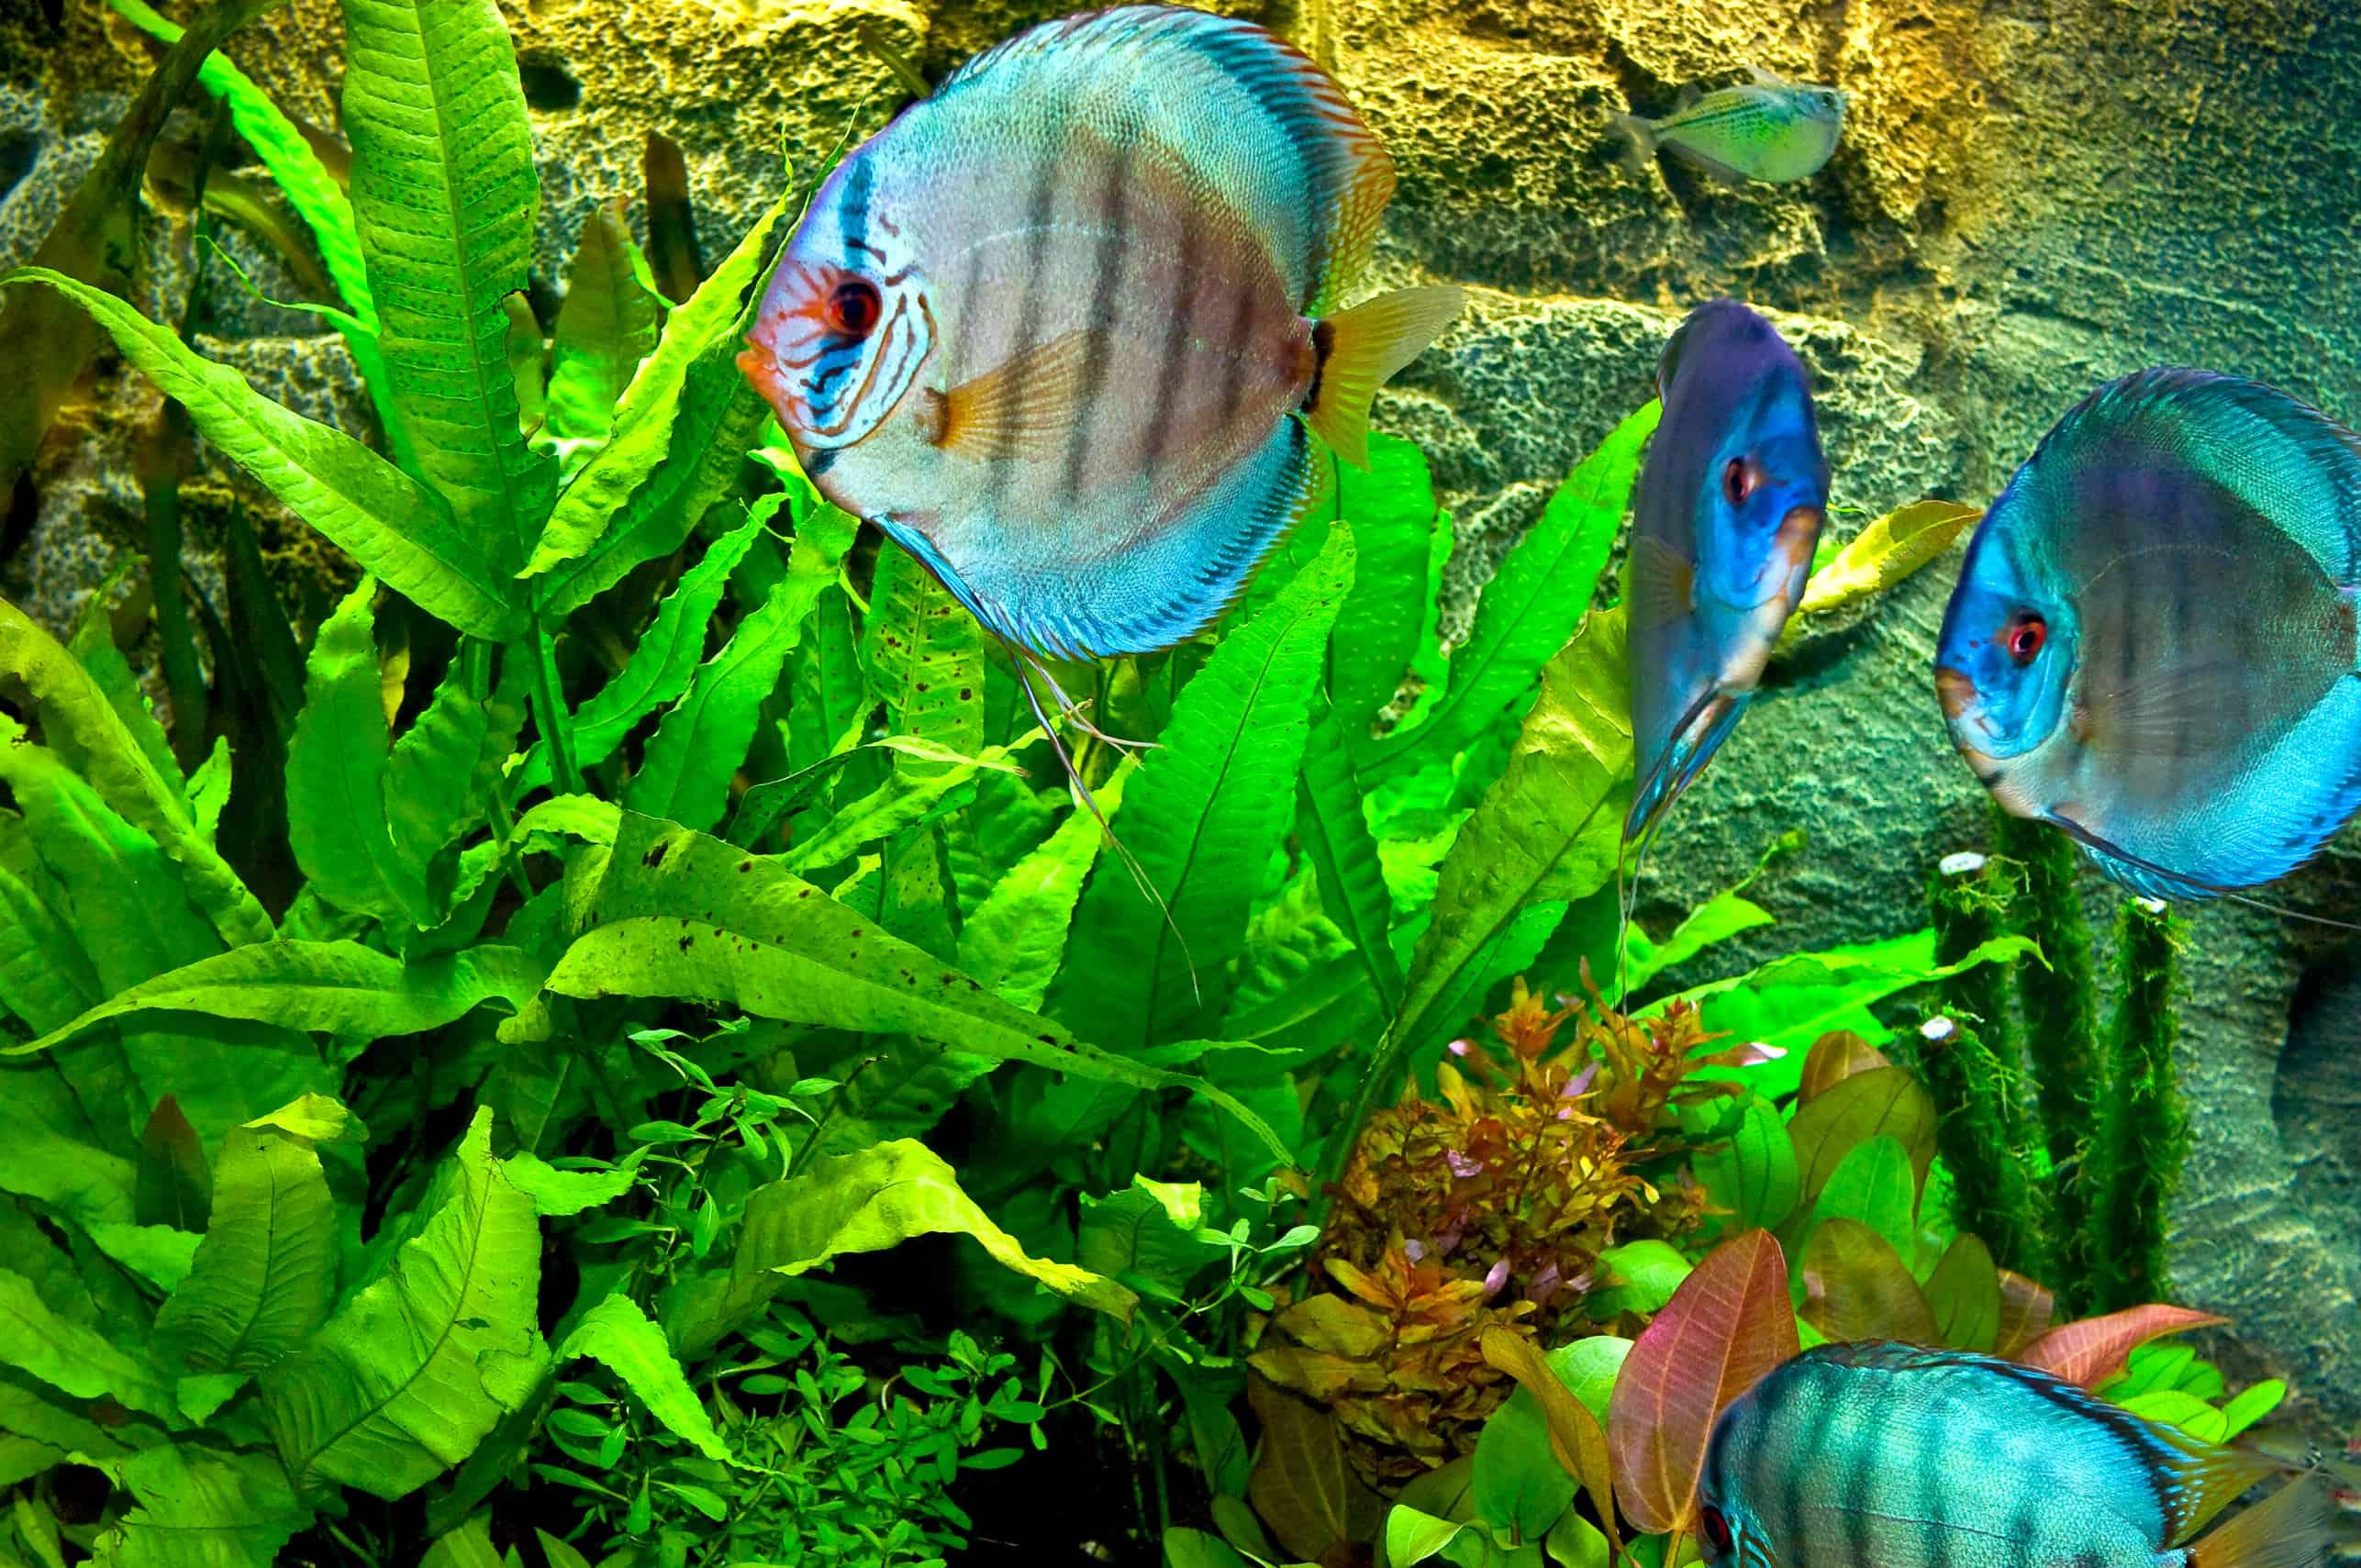 vielfalt im aquarium so klappt es mit der vergesellschaftung my fish. Black Bedroom Furniture Sets. Home Design Ideas